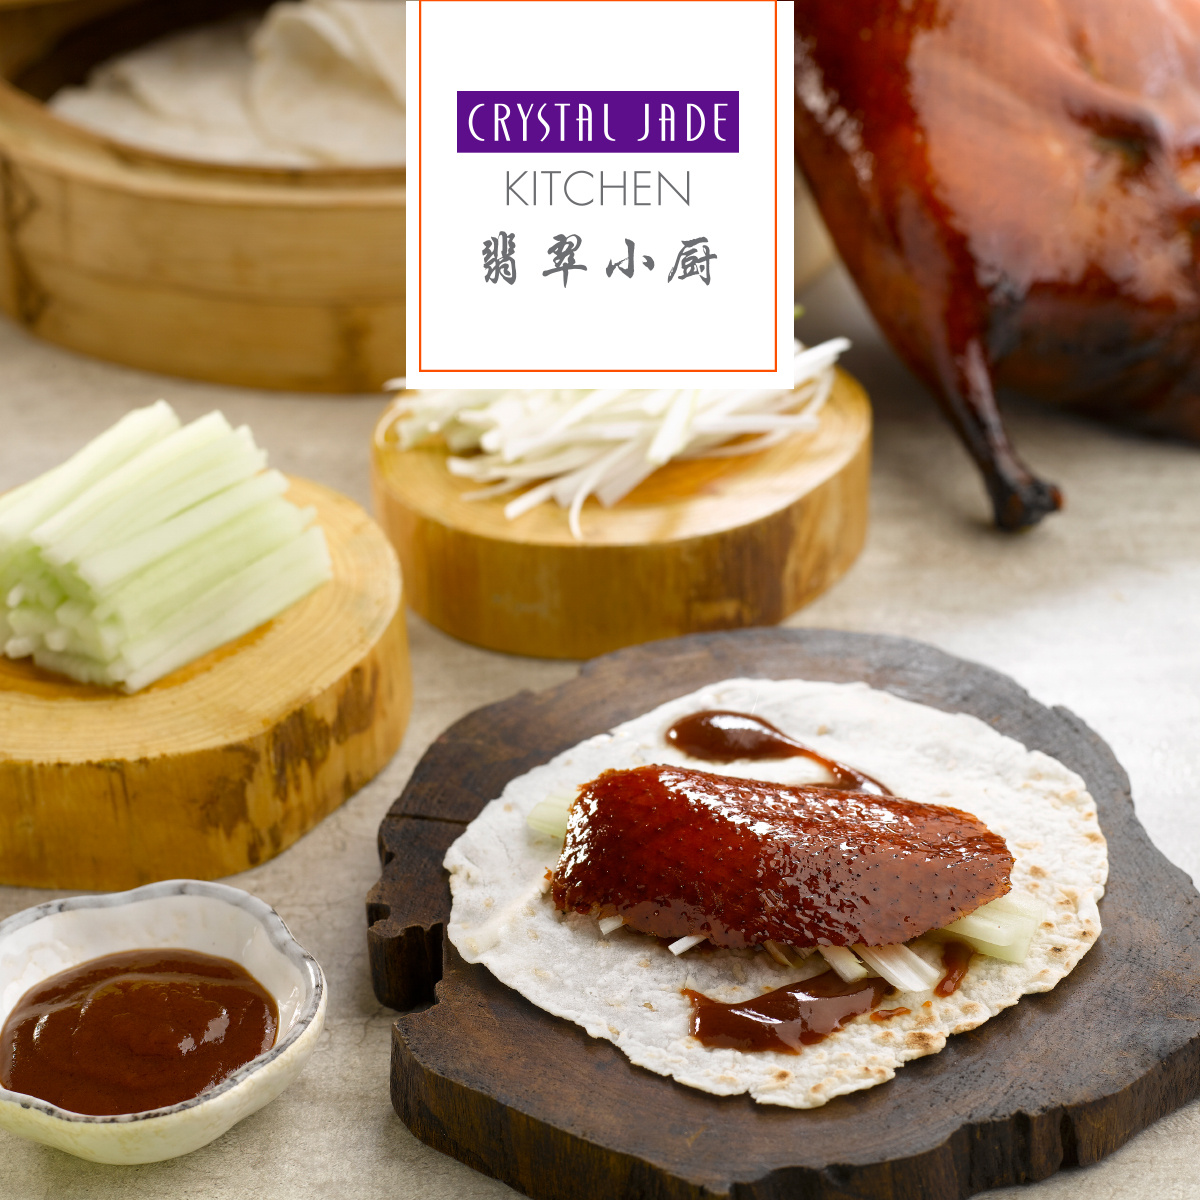 Jade Kitchen: Jiang Nan/La Mian Xiao Long Bao